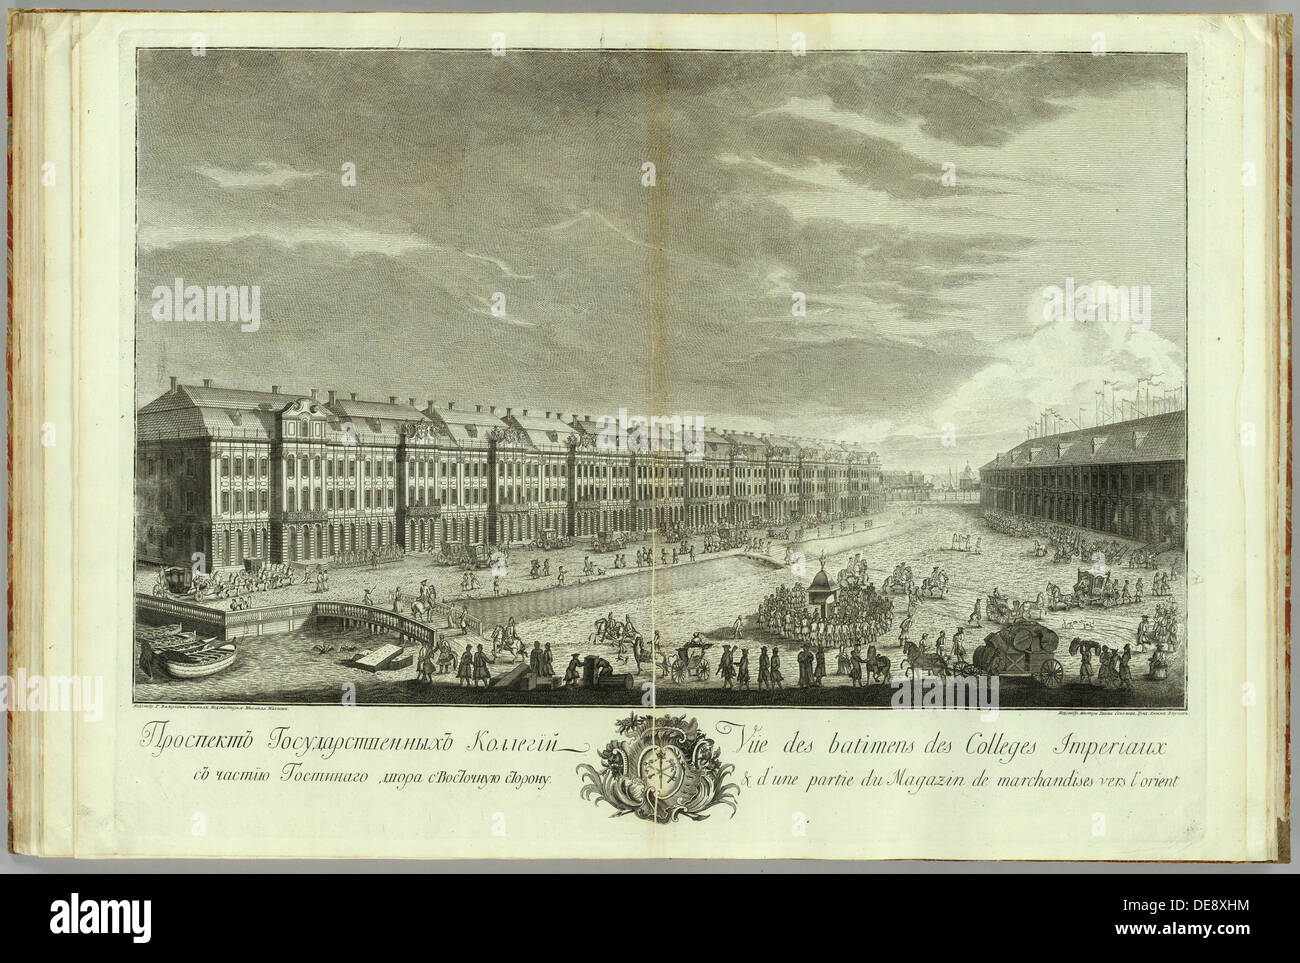 Blick auf die zwölf Collegia Gebäude in Sankt Petersburg (Buch auf den 50. Jahrestag der Gründung von St. Petersburg), 1753. Stockbild